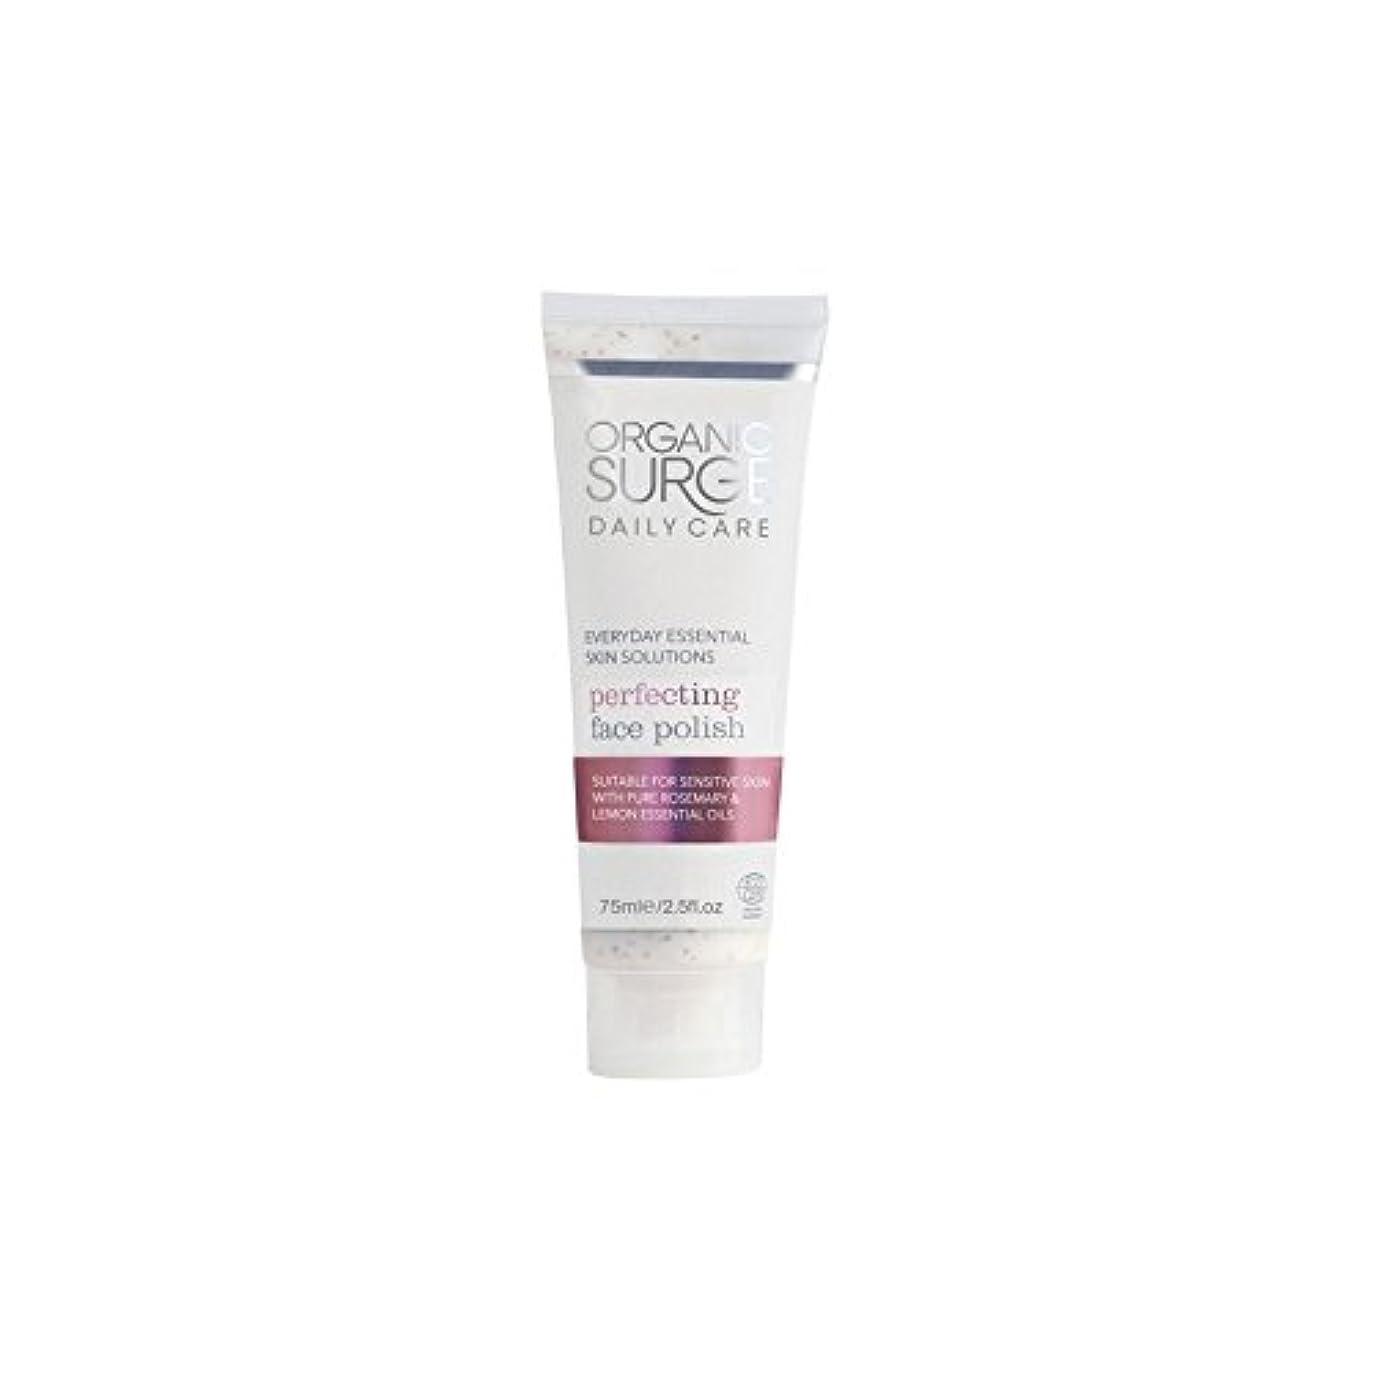 売上高アルネ雪だるまを作るOrganic Surge Daily Care Perfecting Face Polish (75ml) (Pack of 6) - 面研磨を完成有機サージ毎日のケア(75ミリリットル) x6 [並行輸入品]